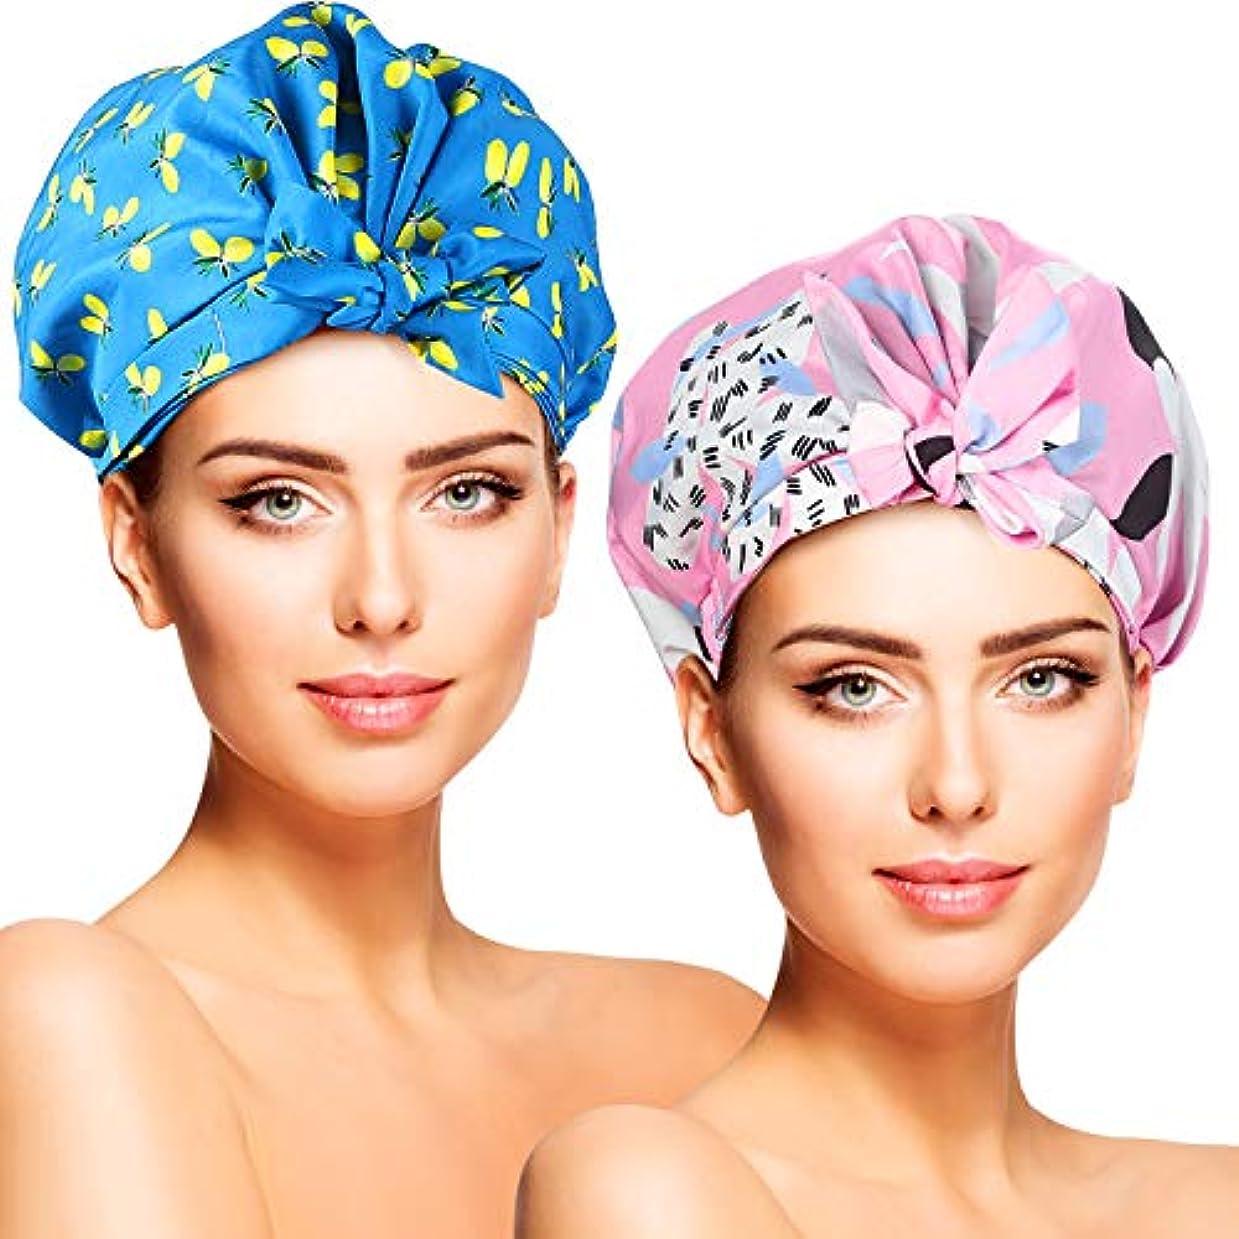 宝石いとこアルカイックYISUN シャワーキャップ 2枚セット 二重層防水 耐久性 抗菌性 お風呂 シャワー SPA 調理 洗顔用 多機能 実用性 男女兼用